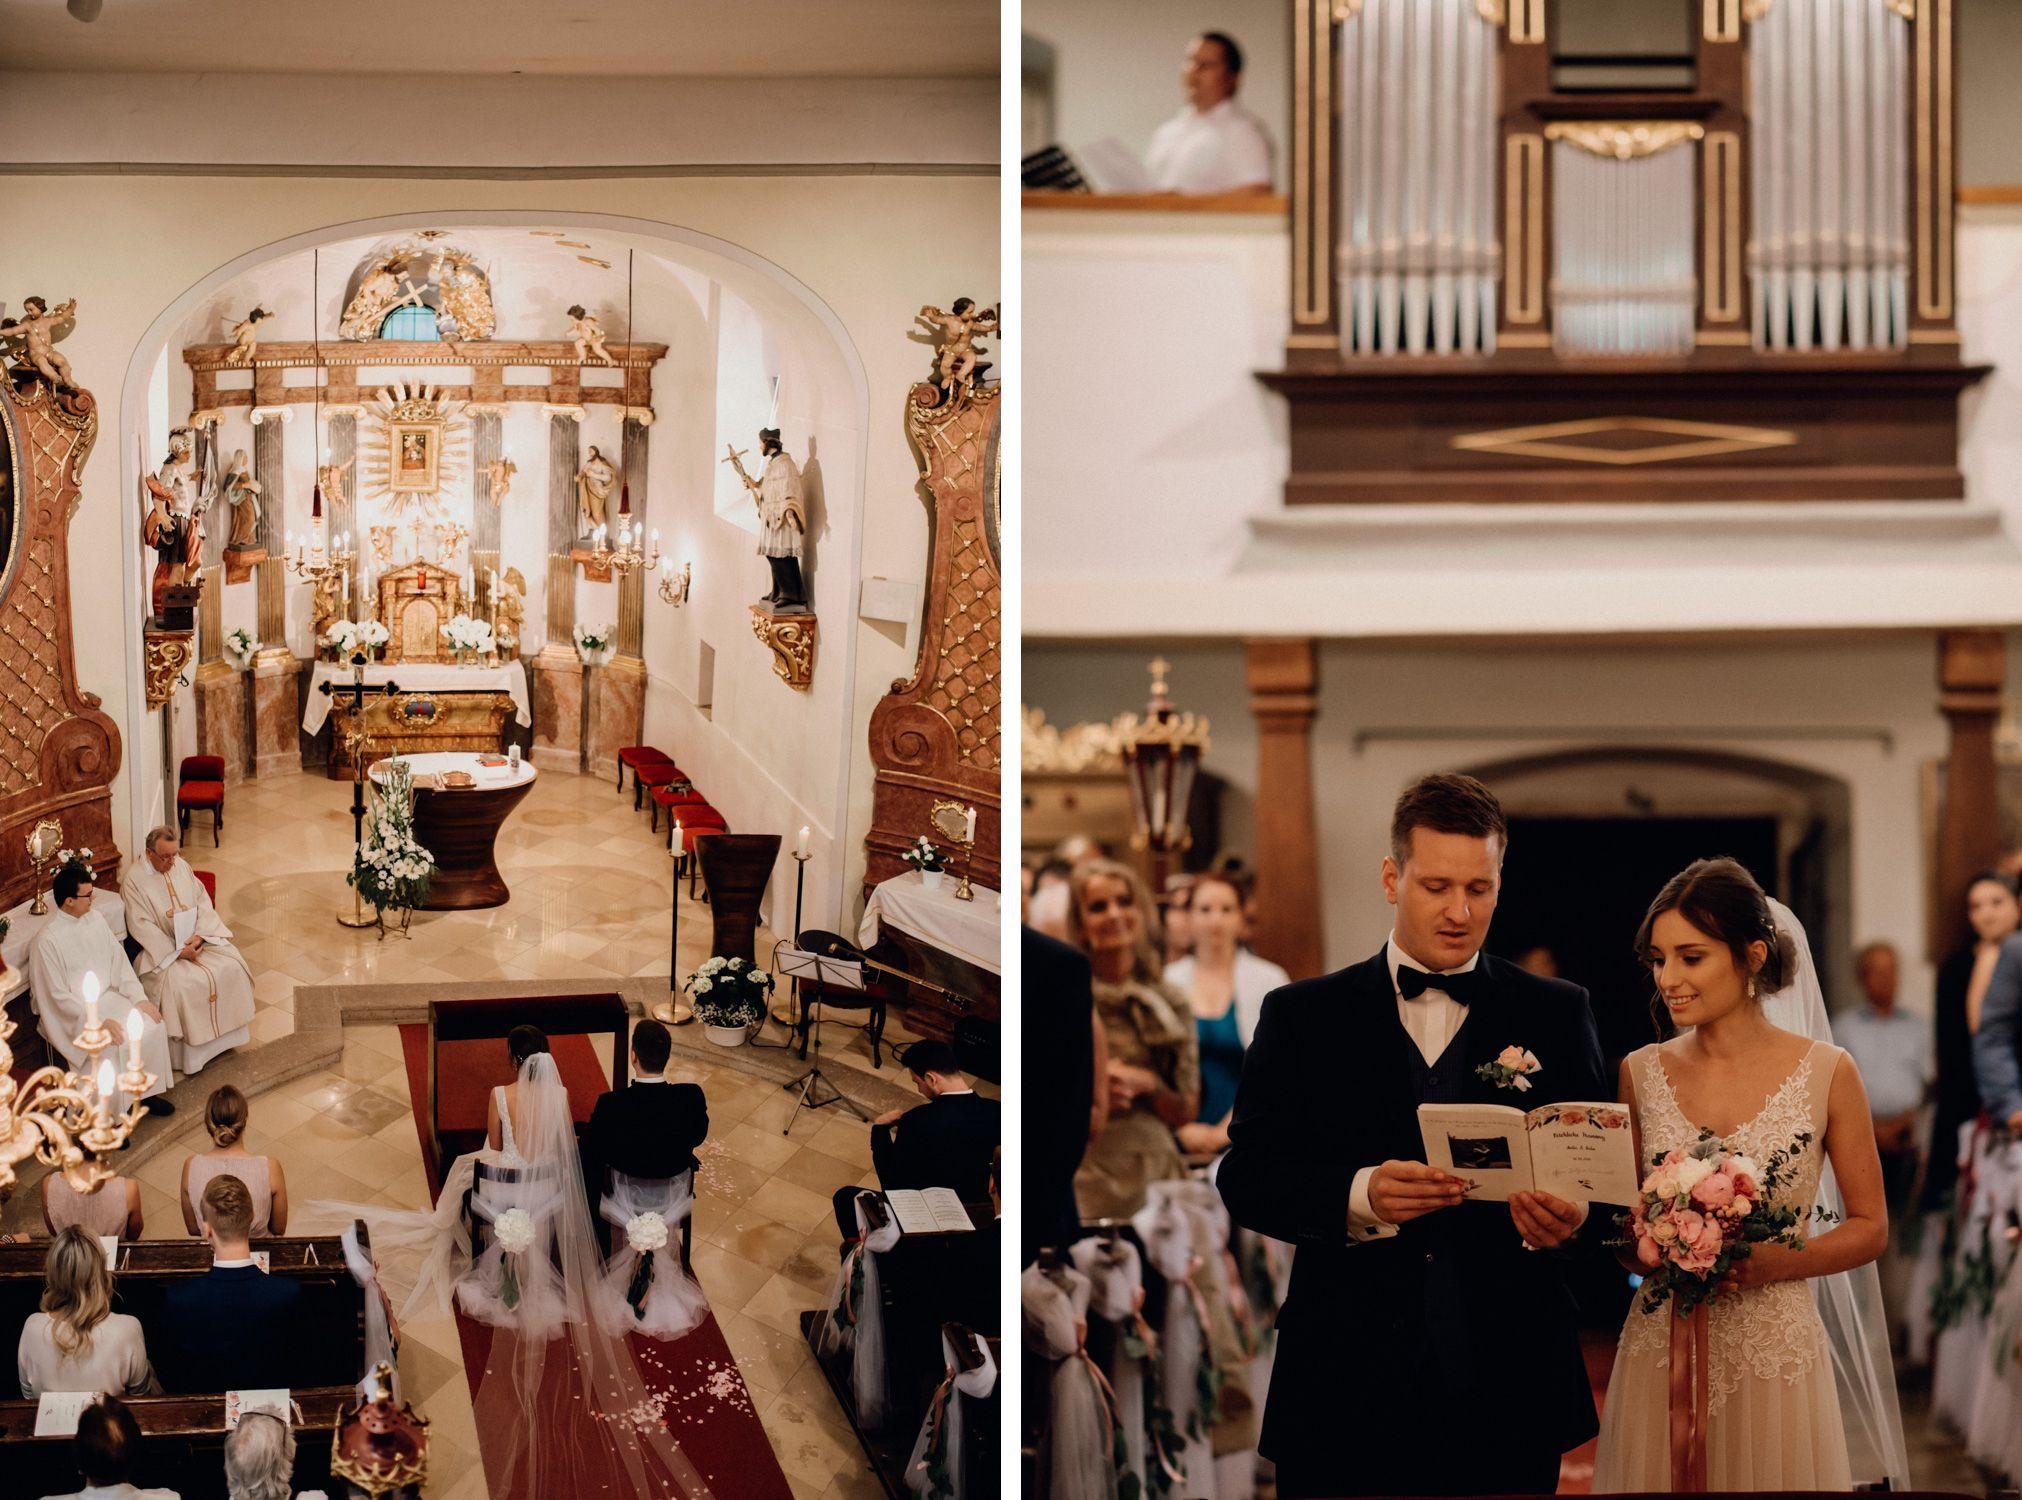 kirchliche Hochzeit wien